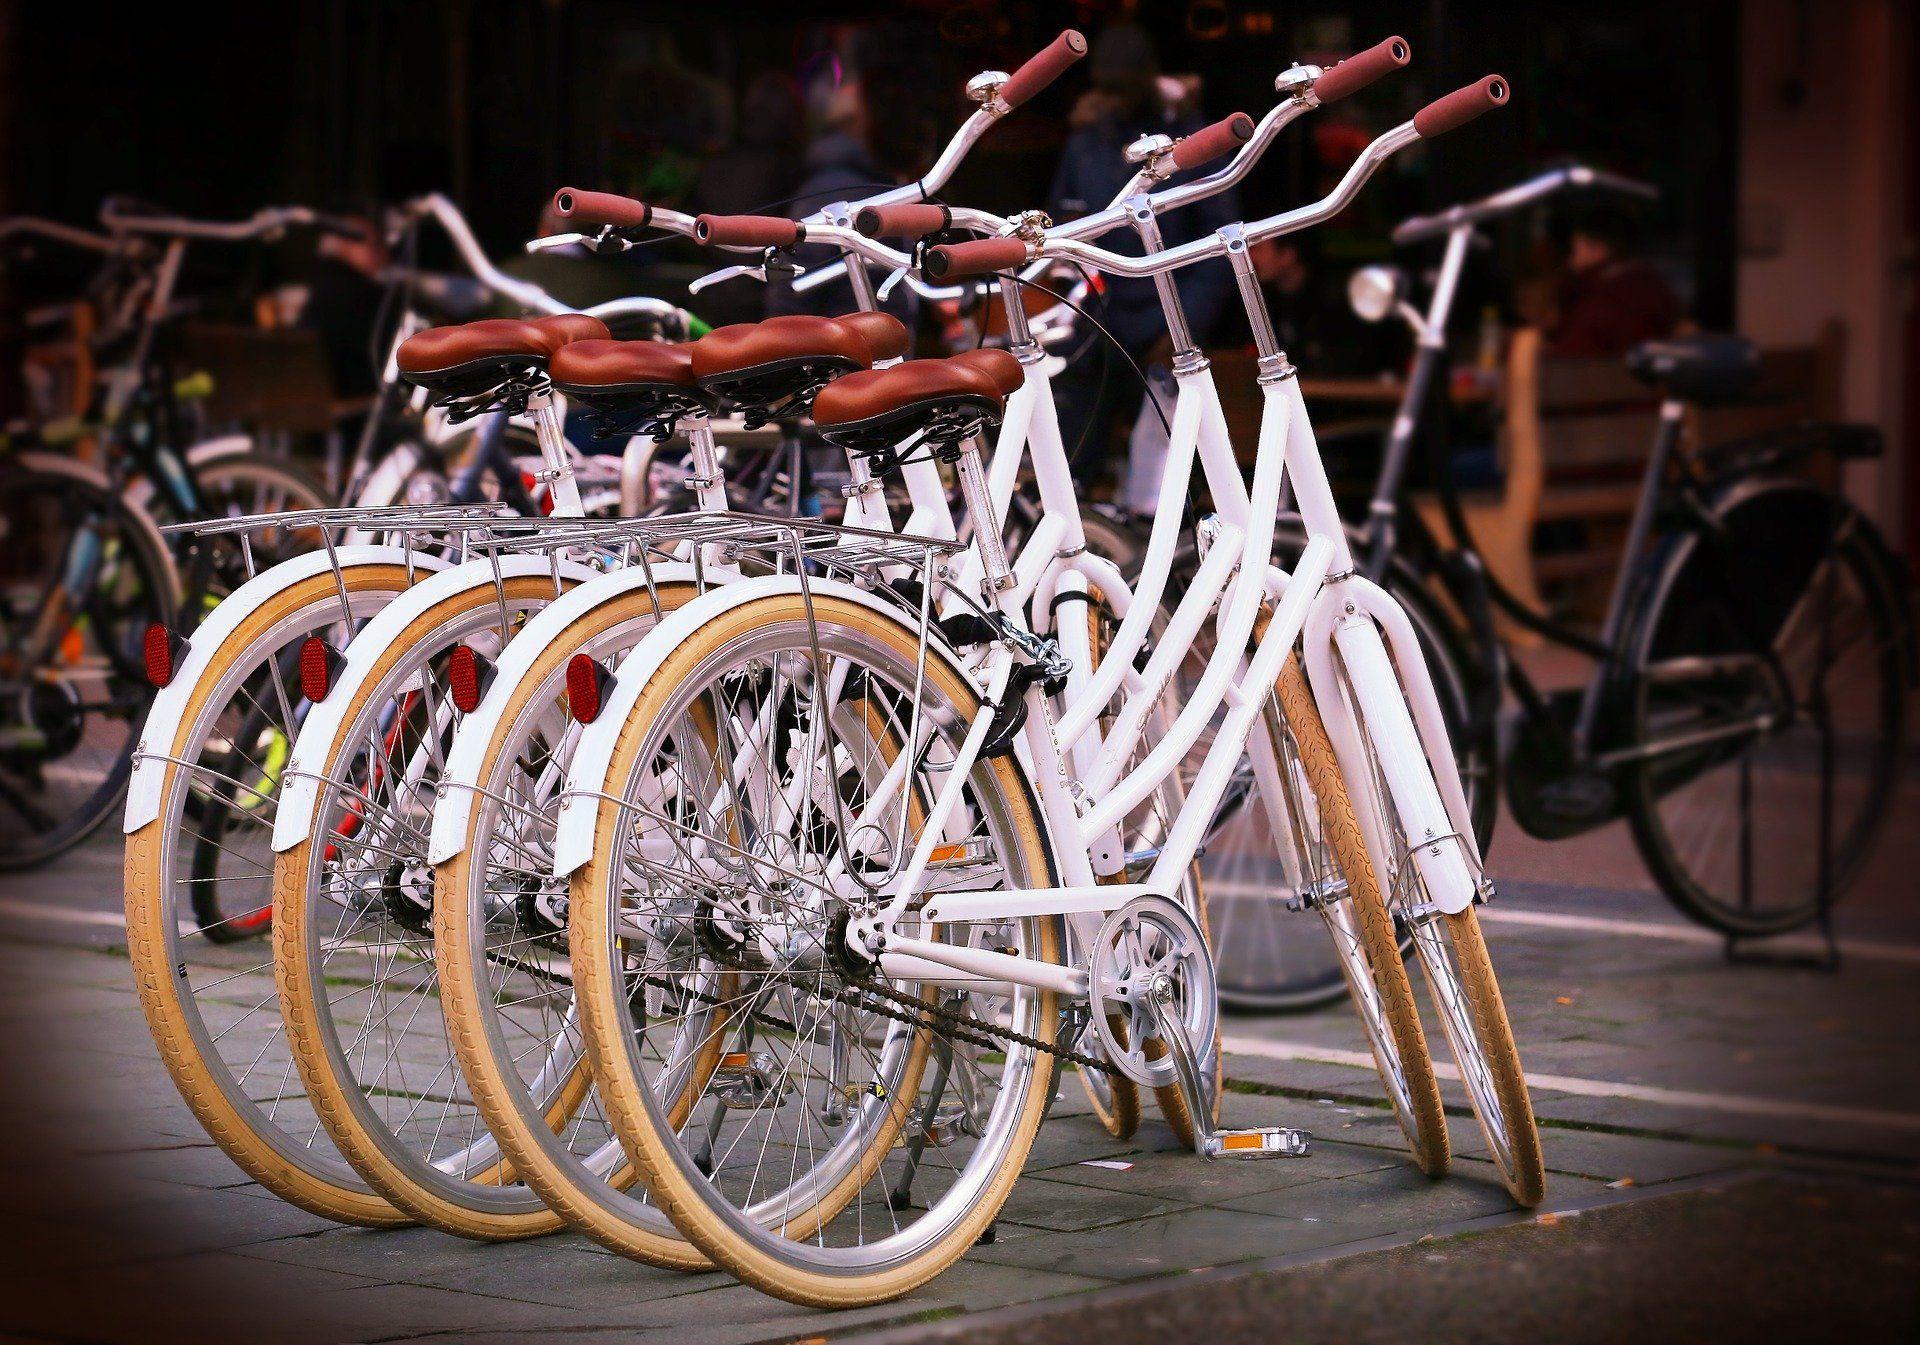 Vier Fahrräder stehen nebeneinander gereit auf der Straße.